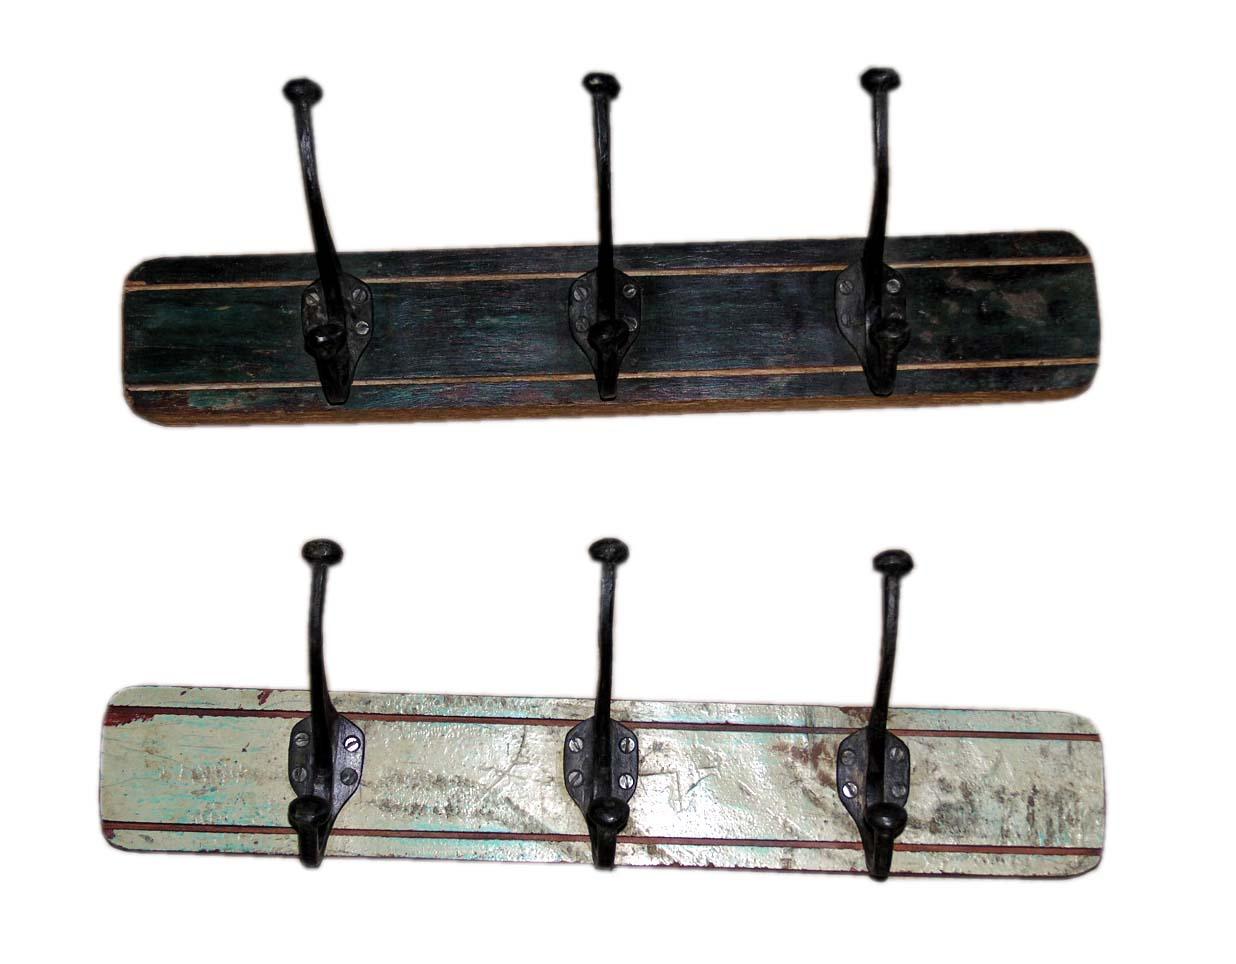 ANEMS035 - 45 x 12 x 12 cm